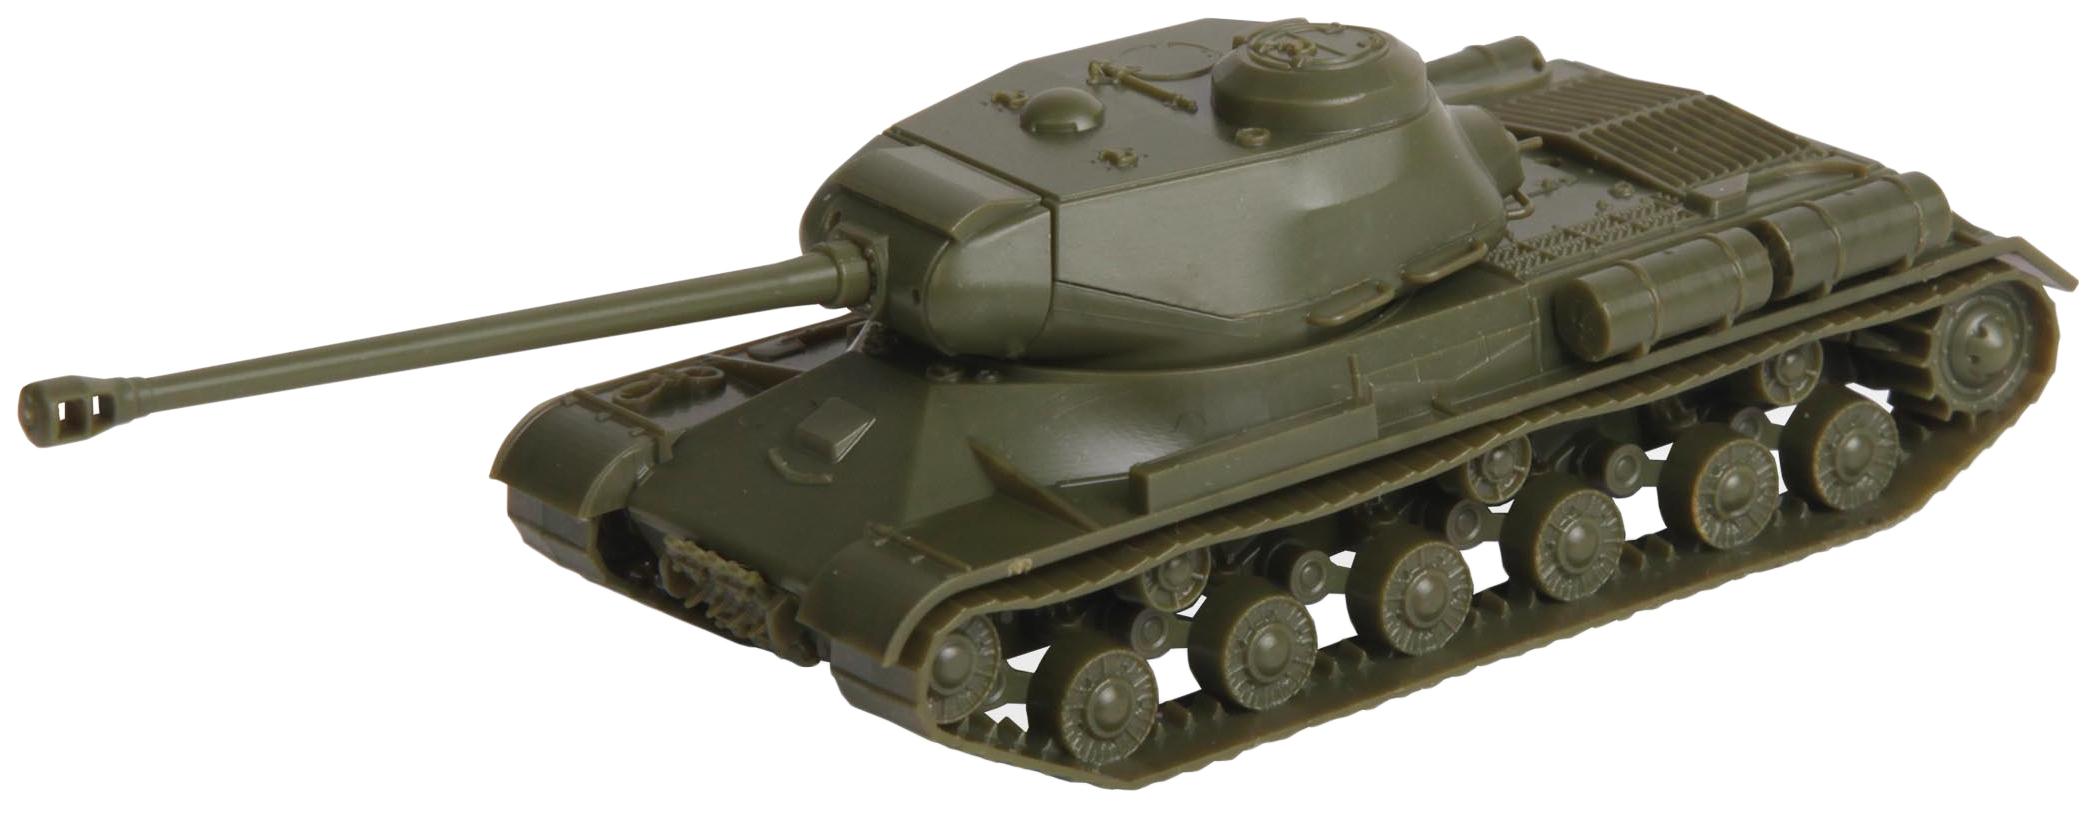 Купить Сборная модель Советский тяжелый танк ИС-2 Звезда, ZVEZDA, Модели для сборки